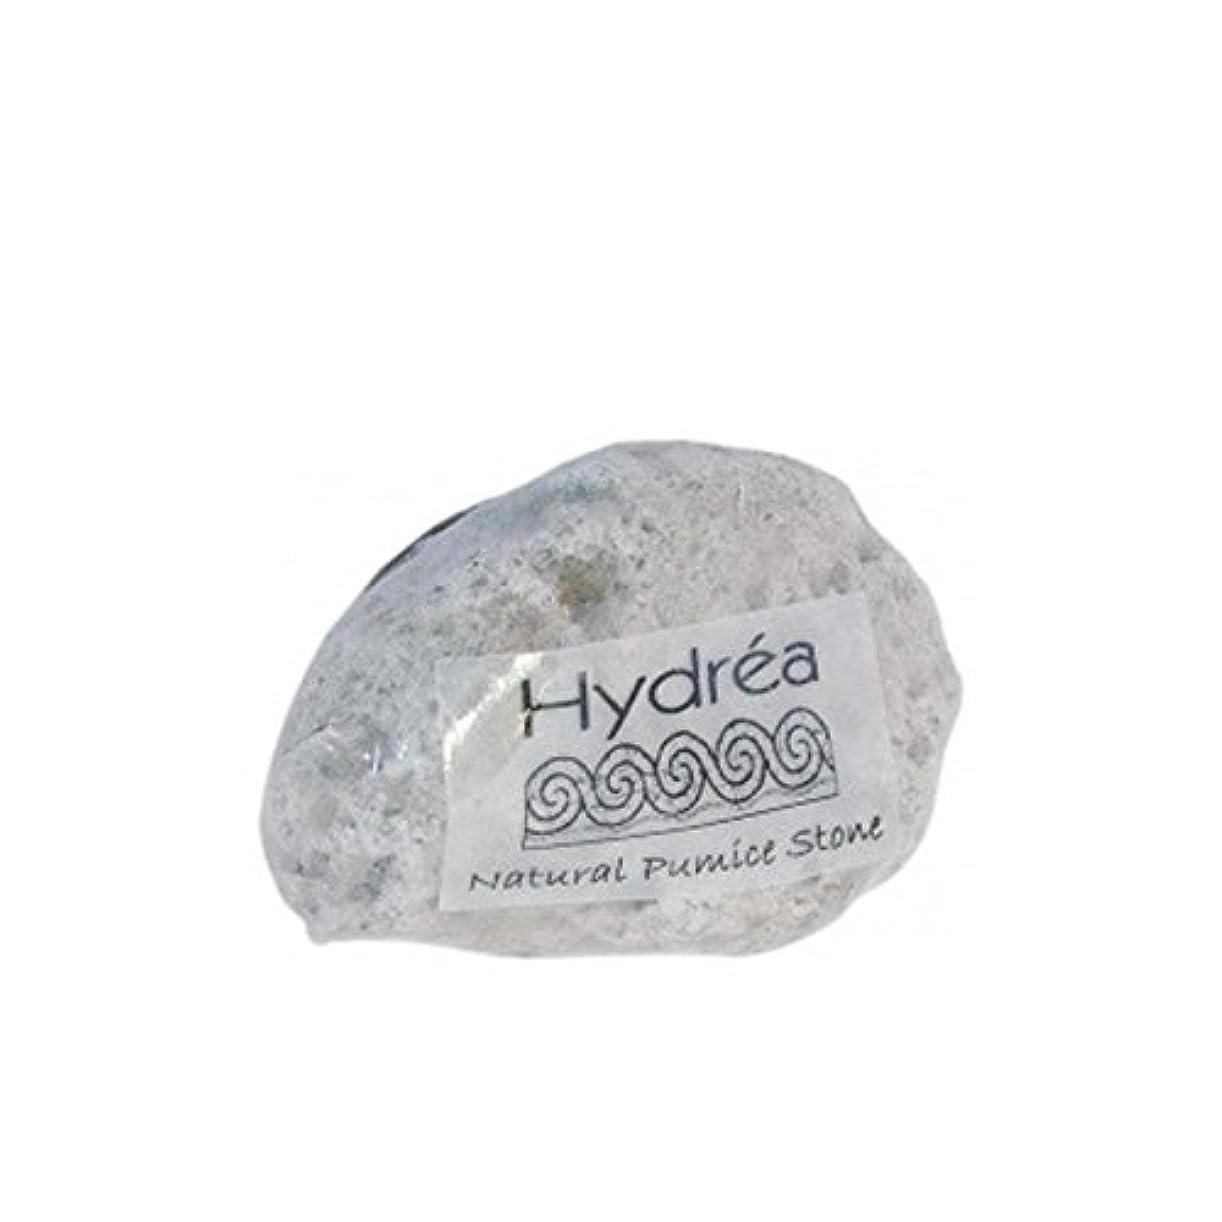 キリスト教水族館ジャンクションHydrea London - Natural Pumice Stone - ハイドレアロンドン - 自然軽石 [並行輸入品]